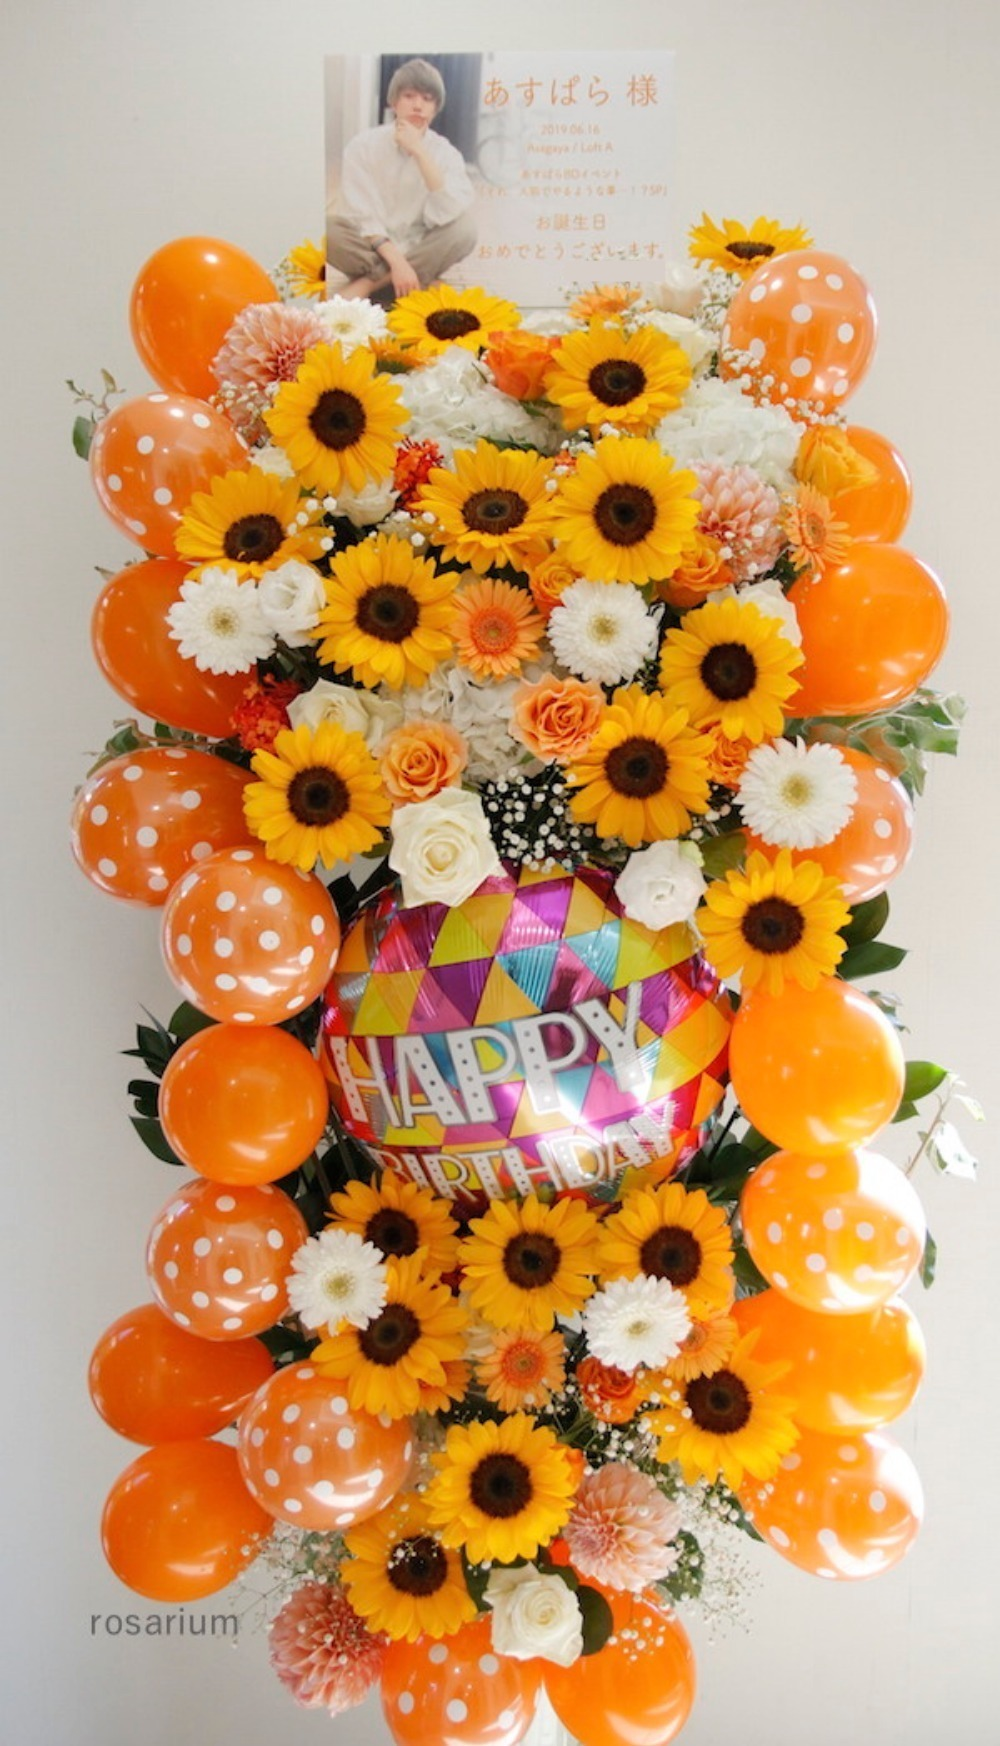 オレンジのバルーンを使ったスタンドのお祝い花